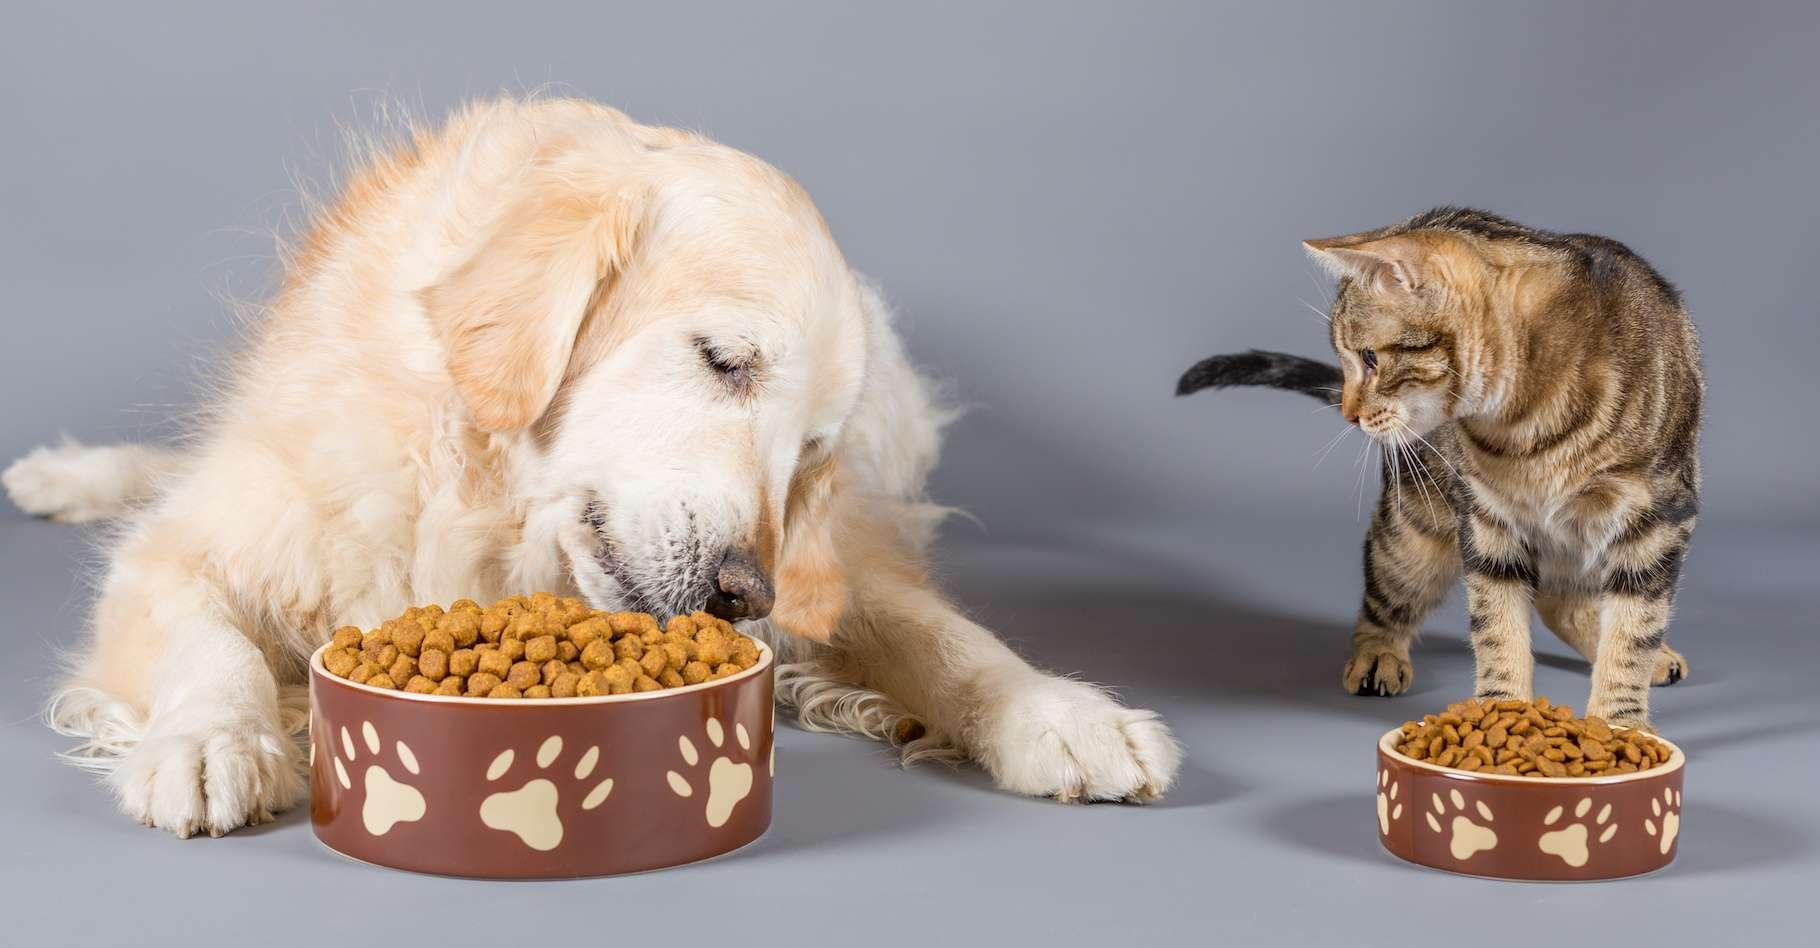 Avec l'augmentation des revenus, le nombre de chiens et de chats dans les foyers augmente. Et avec lui, l'impact de nos animaux de compagnie sur l'environnement. © 135pixels, Adobe Stock